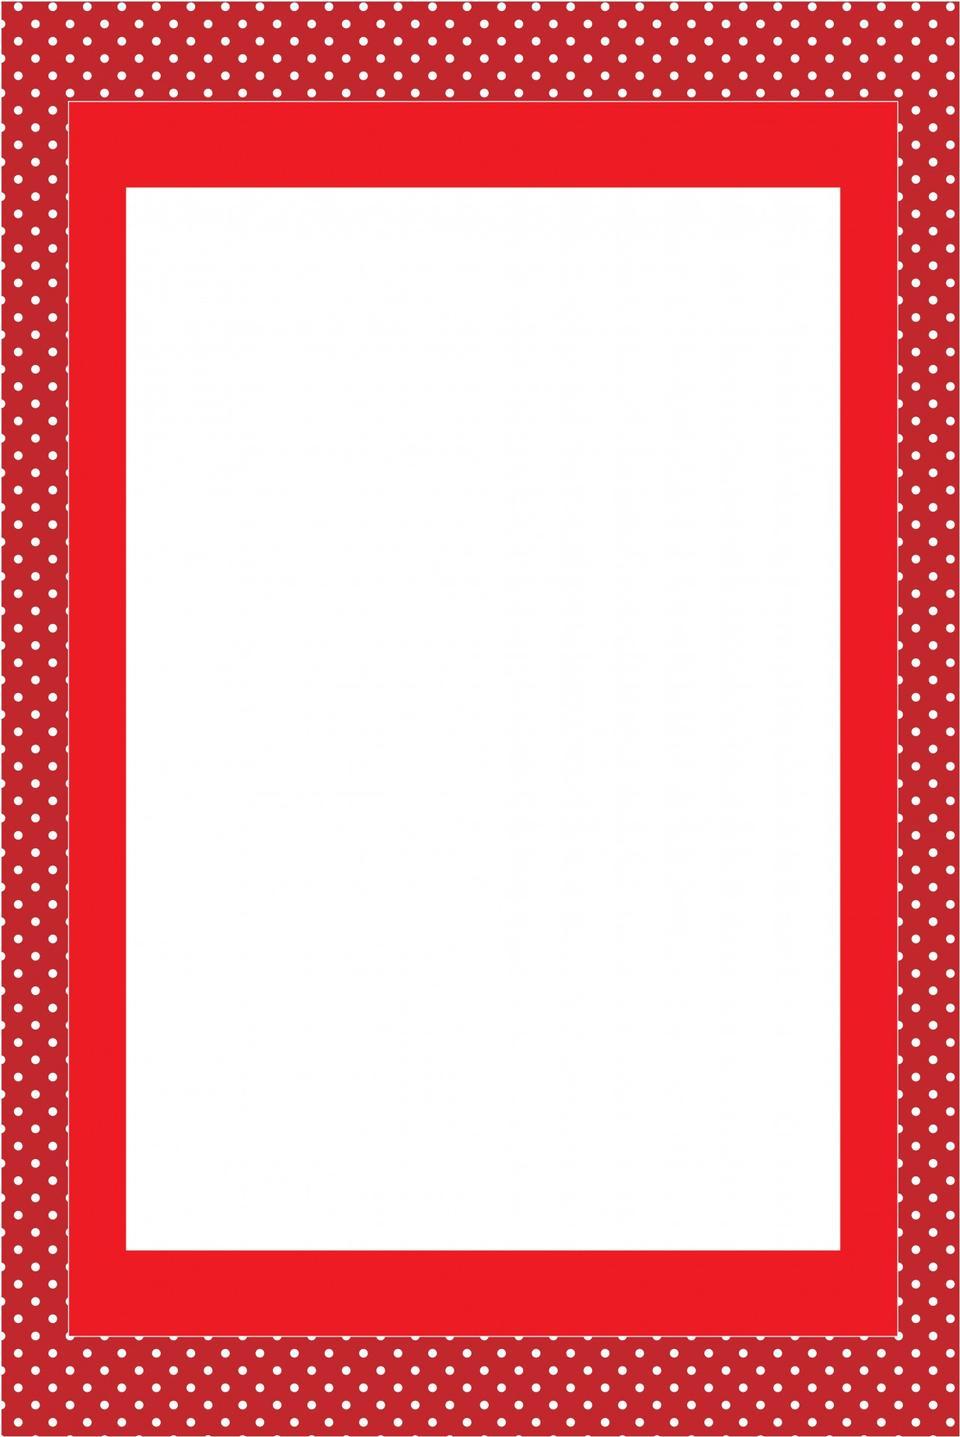 レッド招待カードフレーム